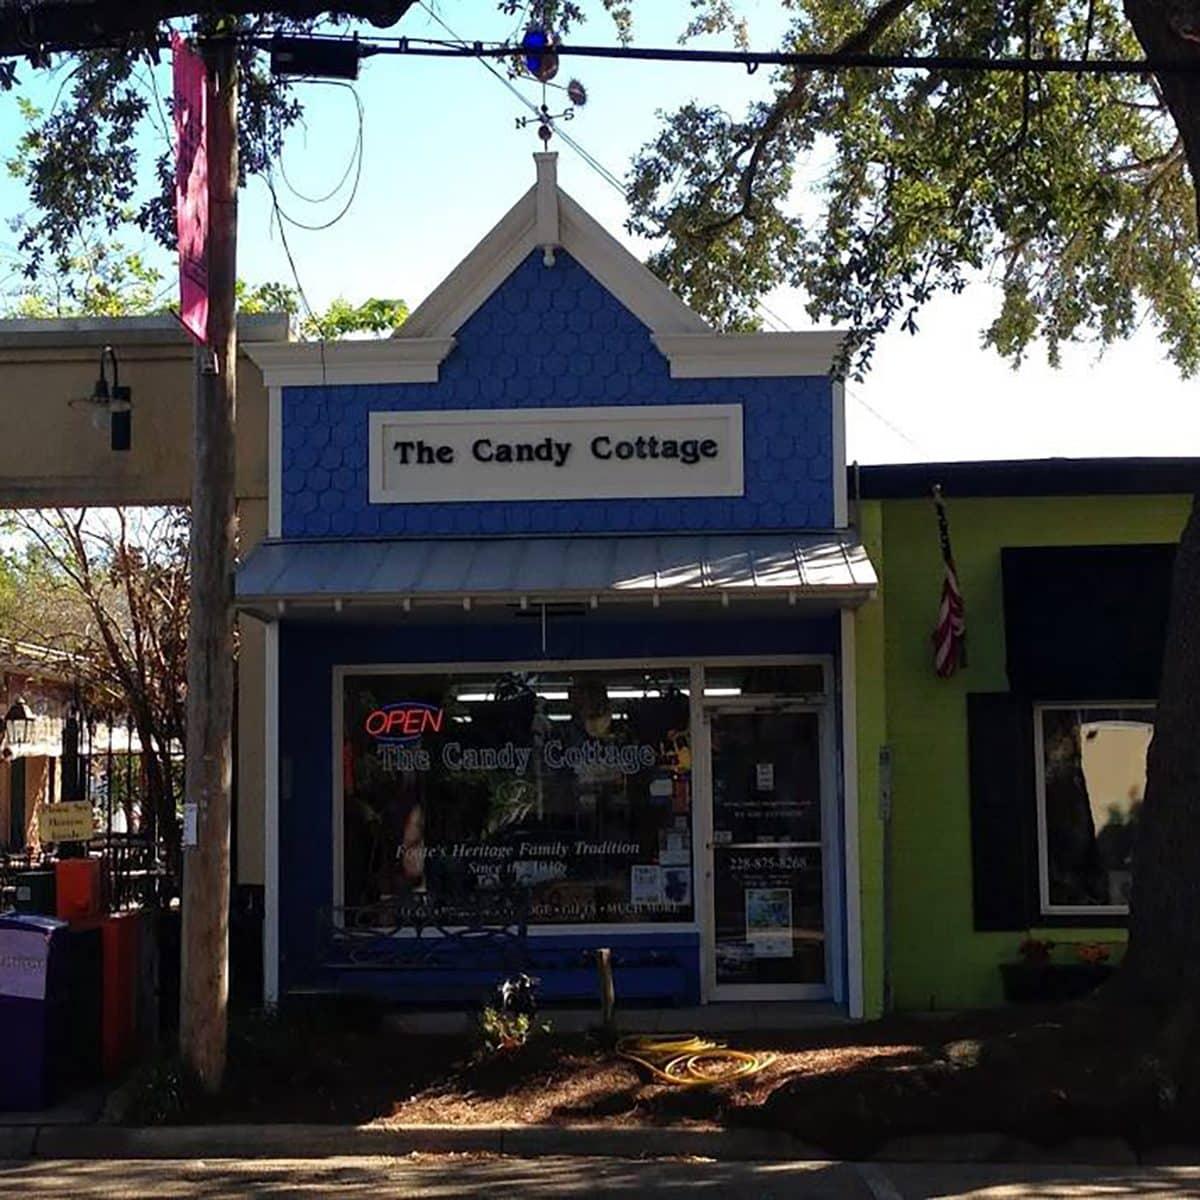 The Candy Cottage & Gourmet, la mejor tienda de dulces en todos los estados